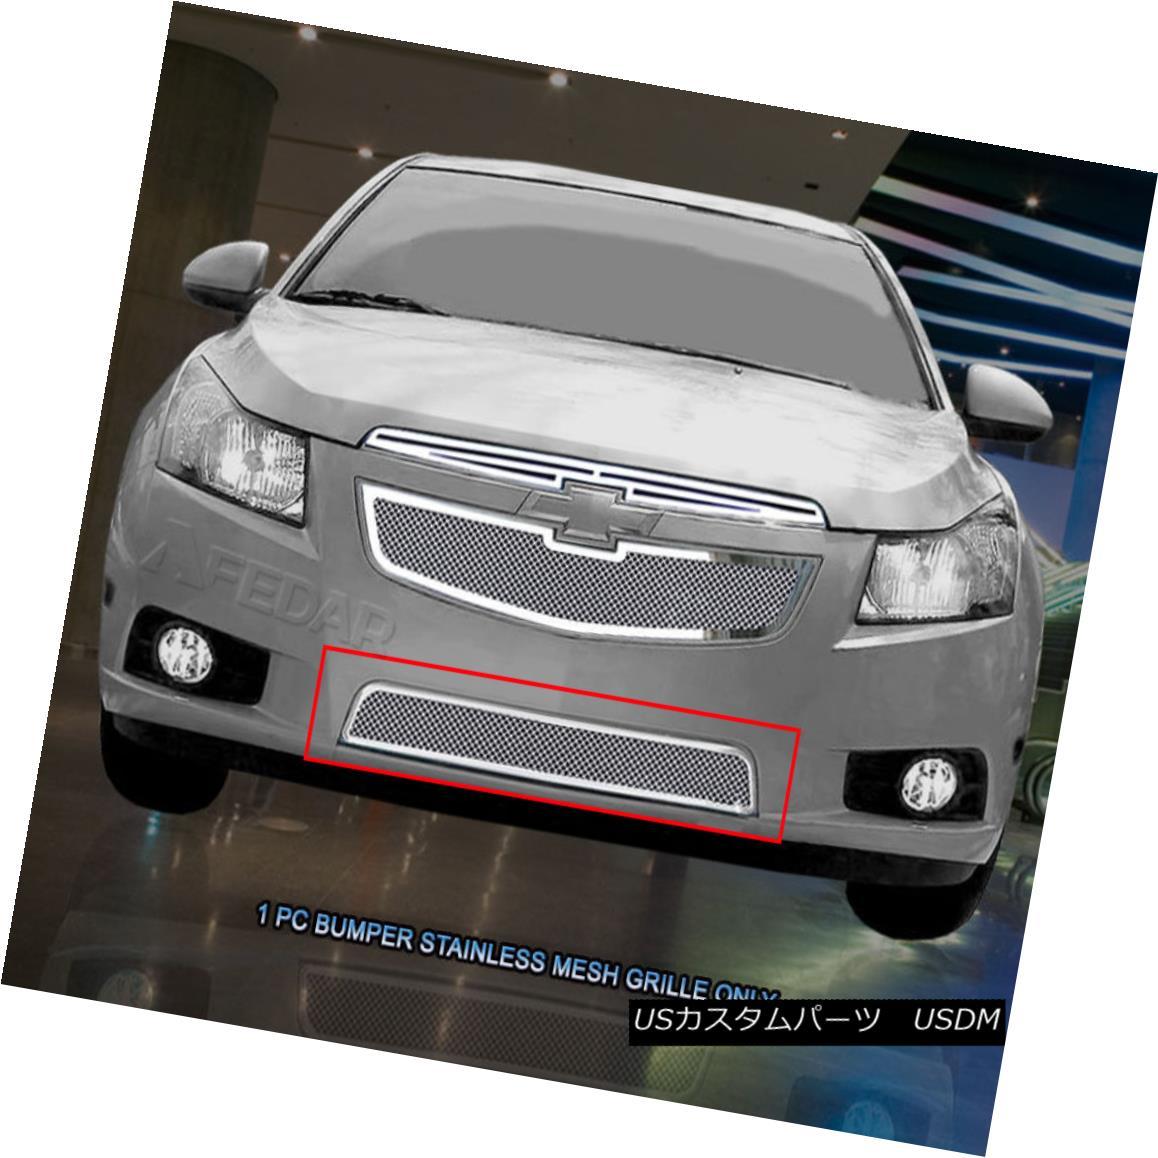 グリル 2011-2014 Chevy Cruze LT RS/LTZ RS Stainless Steel Mesh Grille Insert Fedar 2011-2014シボレークルーズLT RS / LTZ RSステンレスメッシュグリルインサートフェルダ